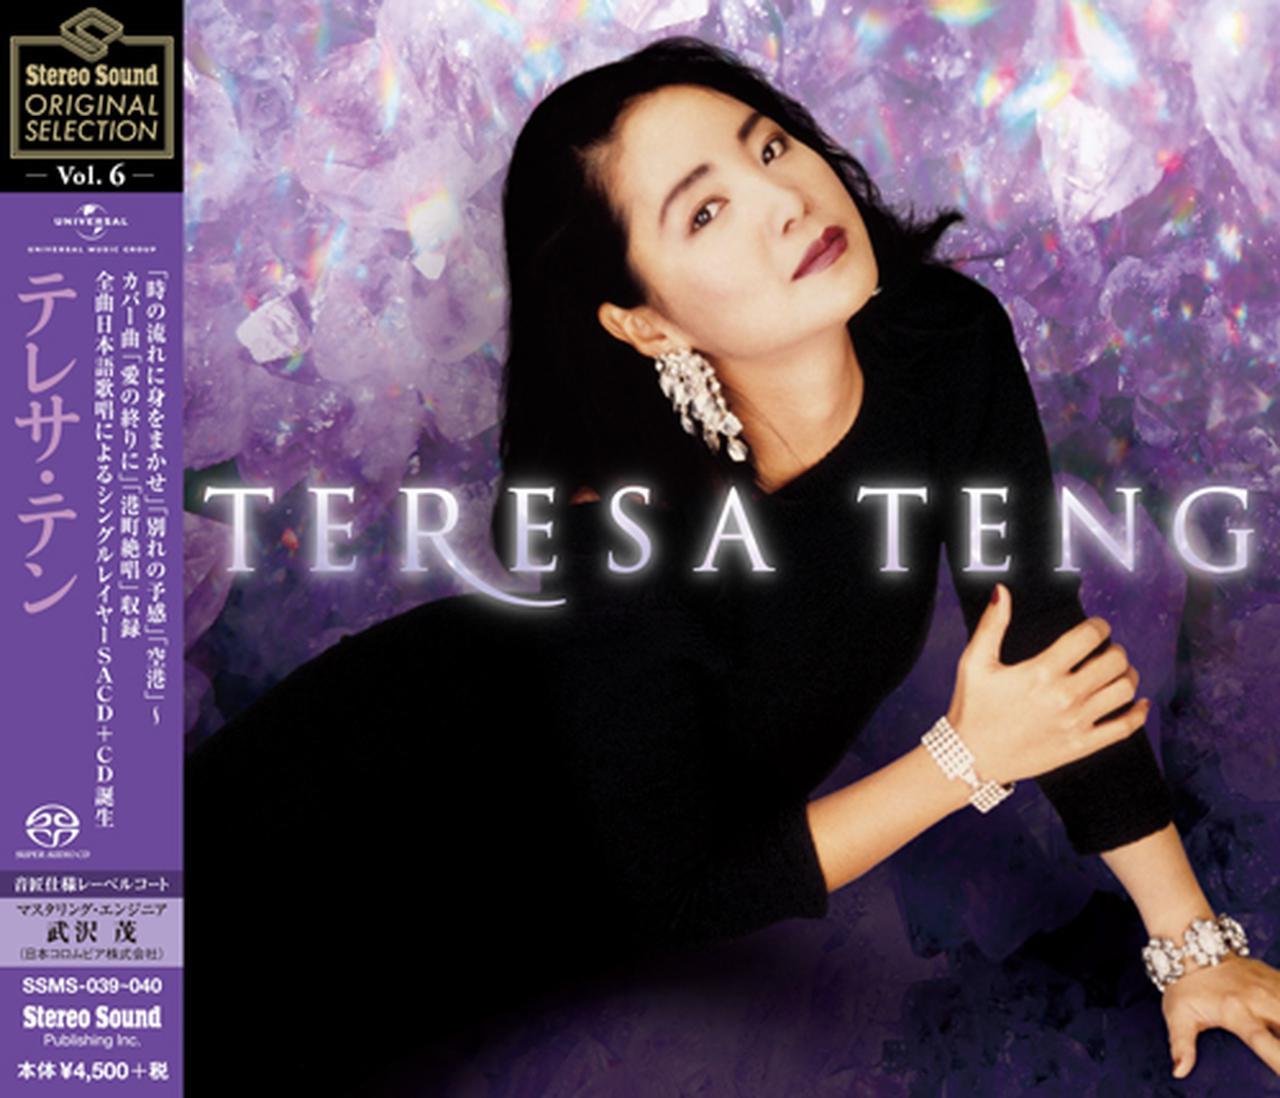 画像: Stereo Sound ORIGINAL SELECTION Vol.6 「テレサ・テン」(Single Layer SACD+CD・2枚組)SSMS-039~040